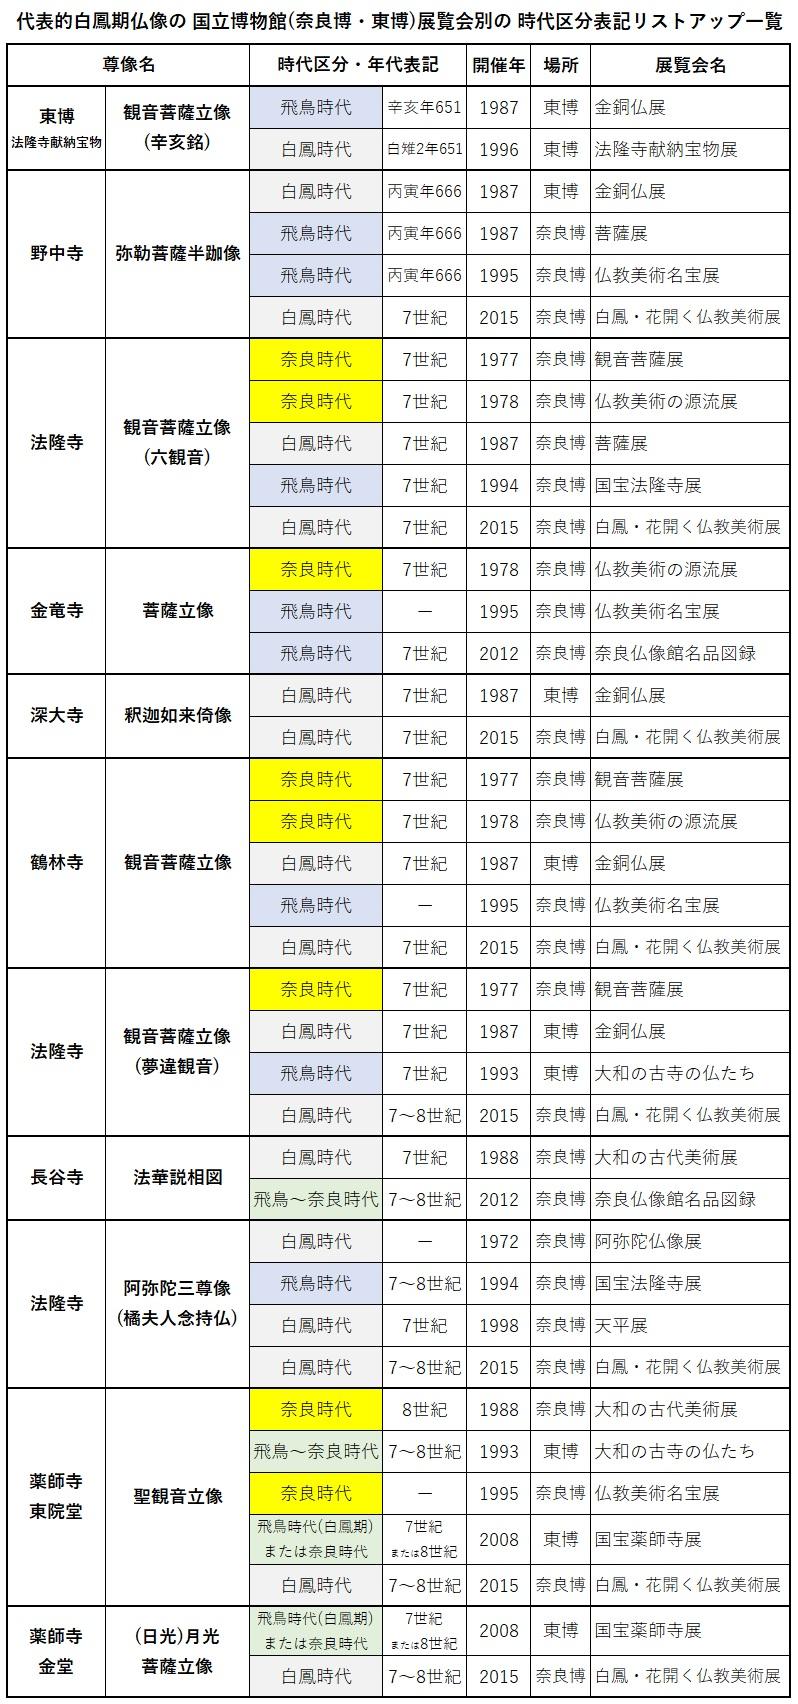 213.美術史時代区分①:白鳳仏像の展覧会別時代表記